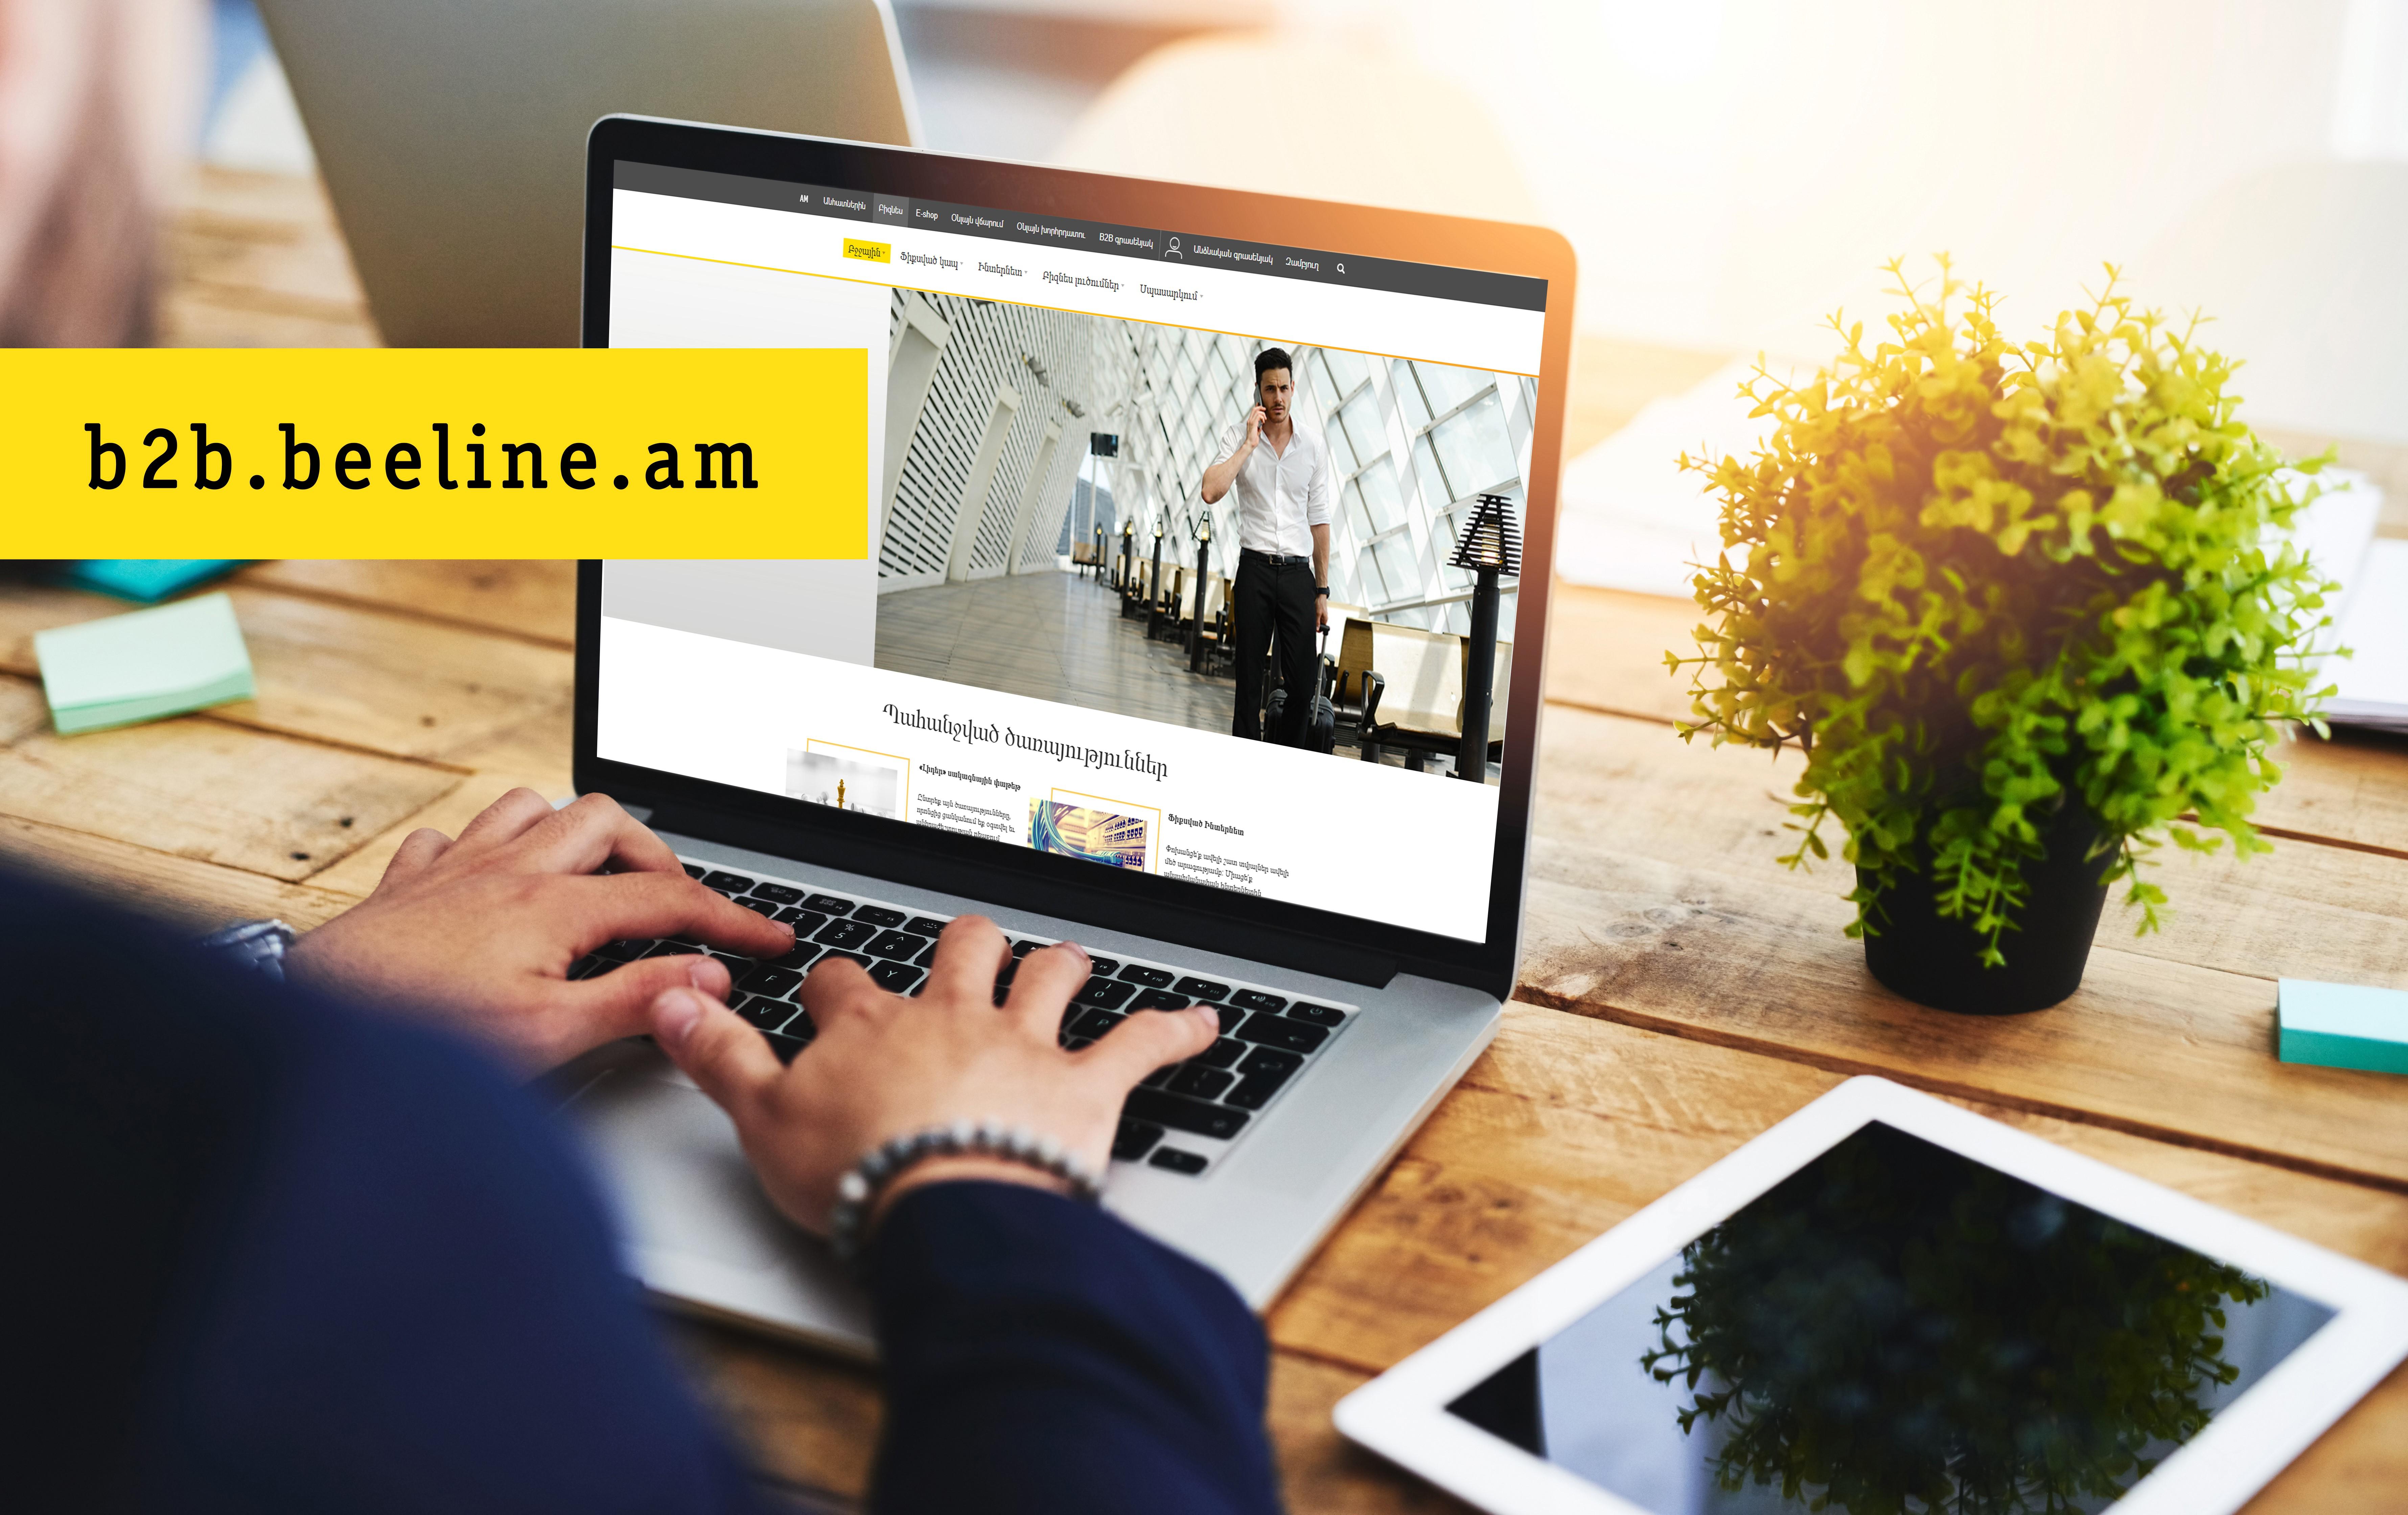 Beeline. կորպորատիվ հաճախորդների համար նոր բաժին beeline.am կայքում